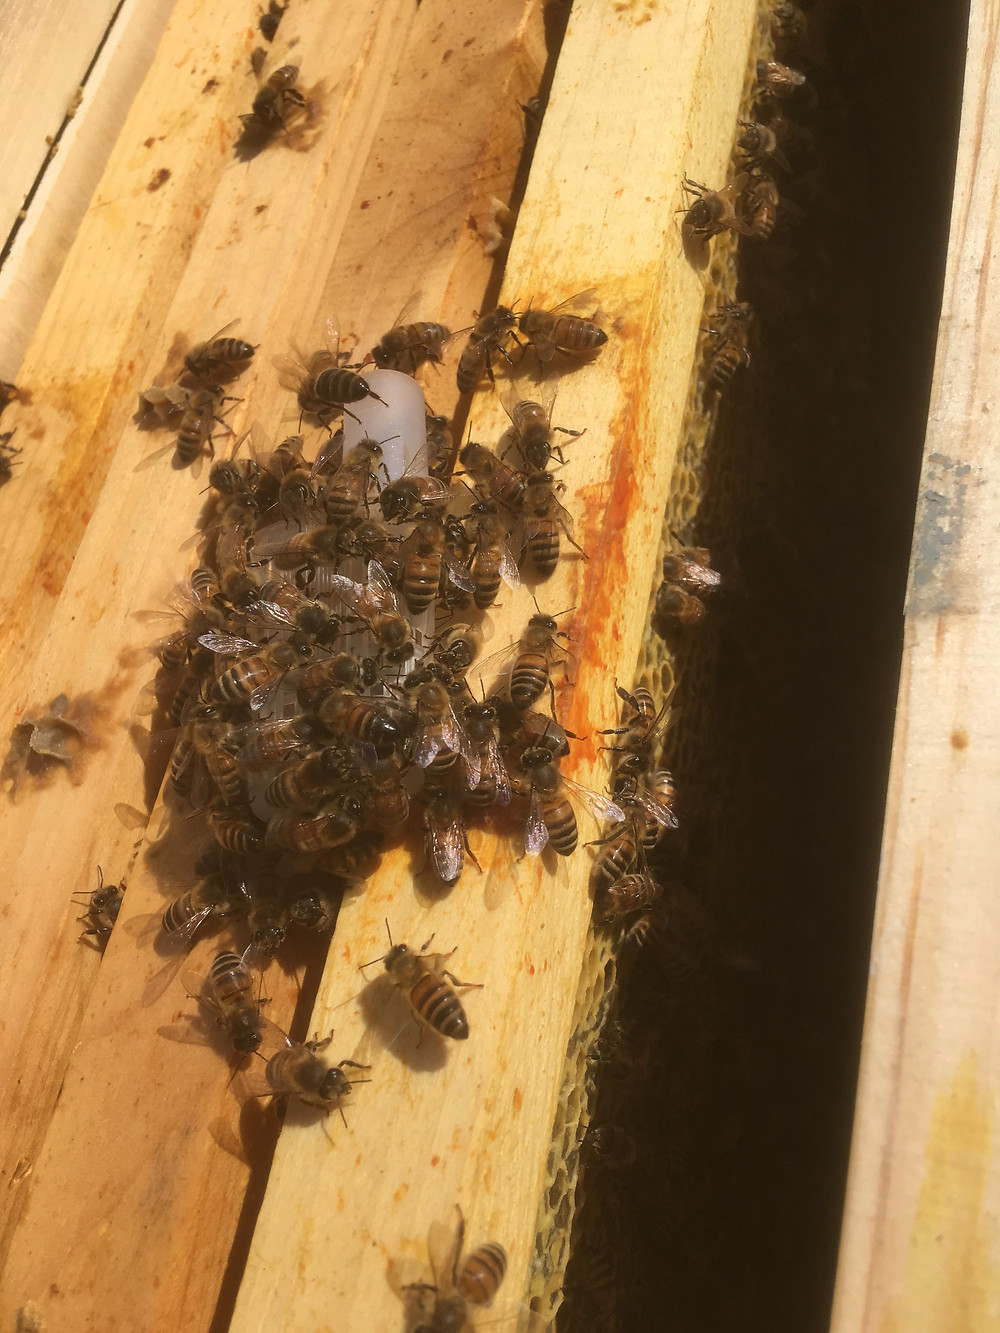 Queen bee. Queen cage. Dunham Bees.